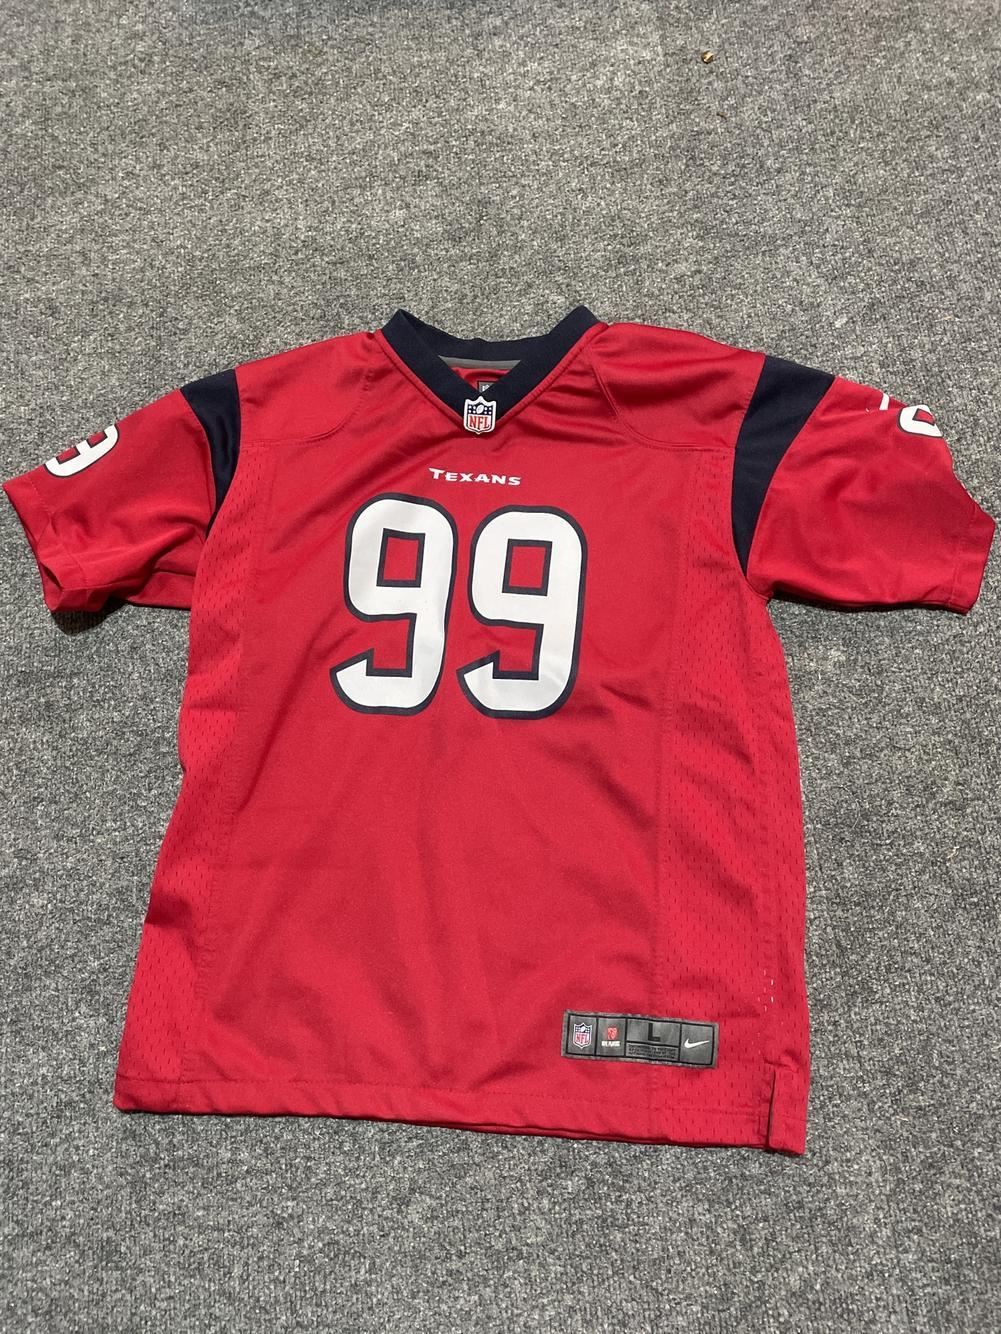 original texans jersey